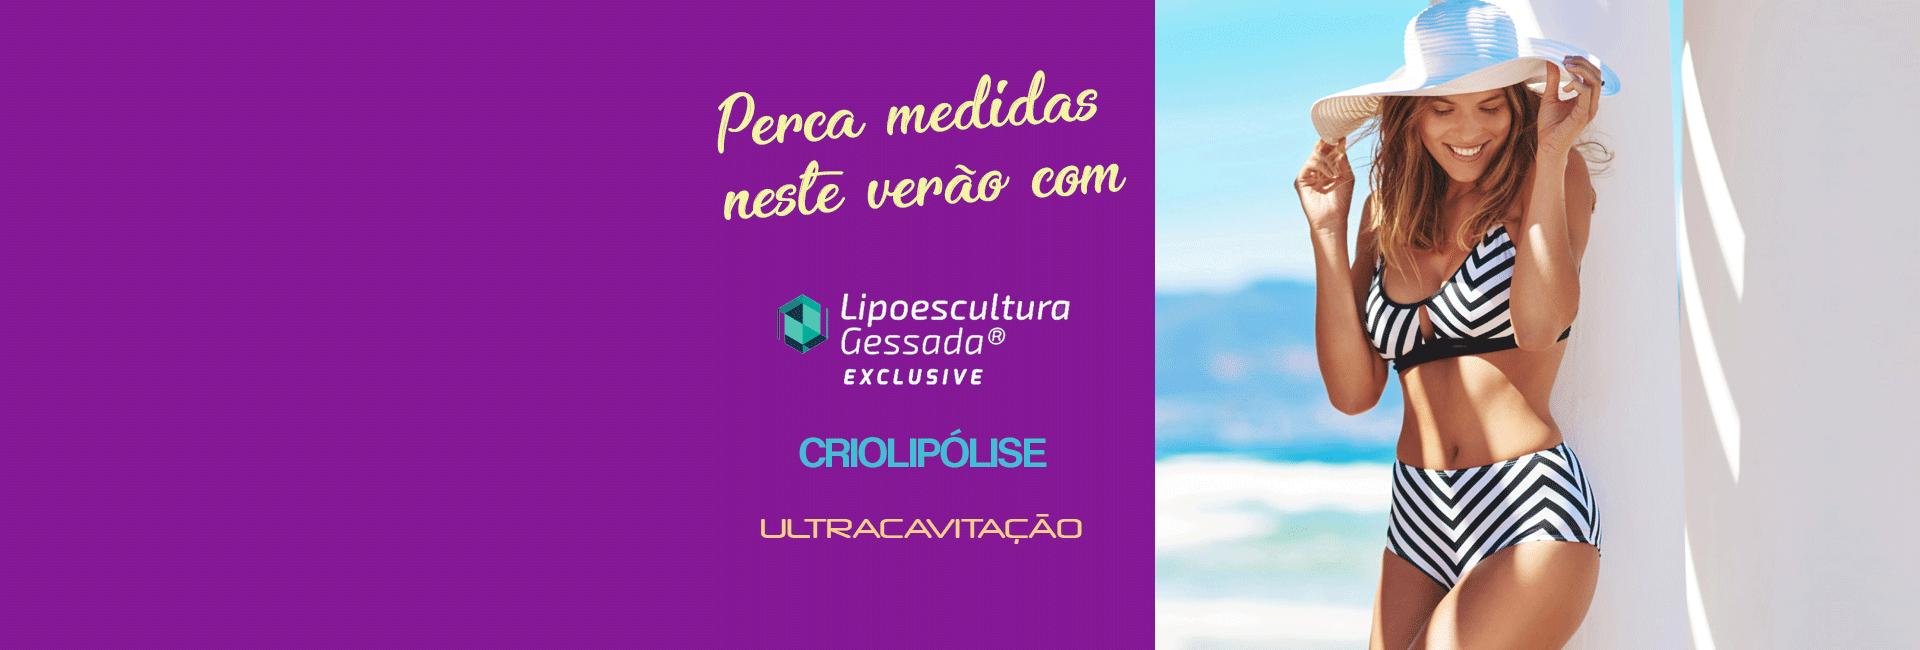 Lipo Gessada -